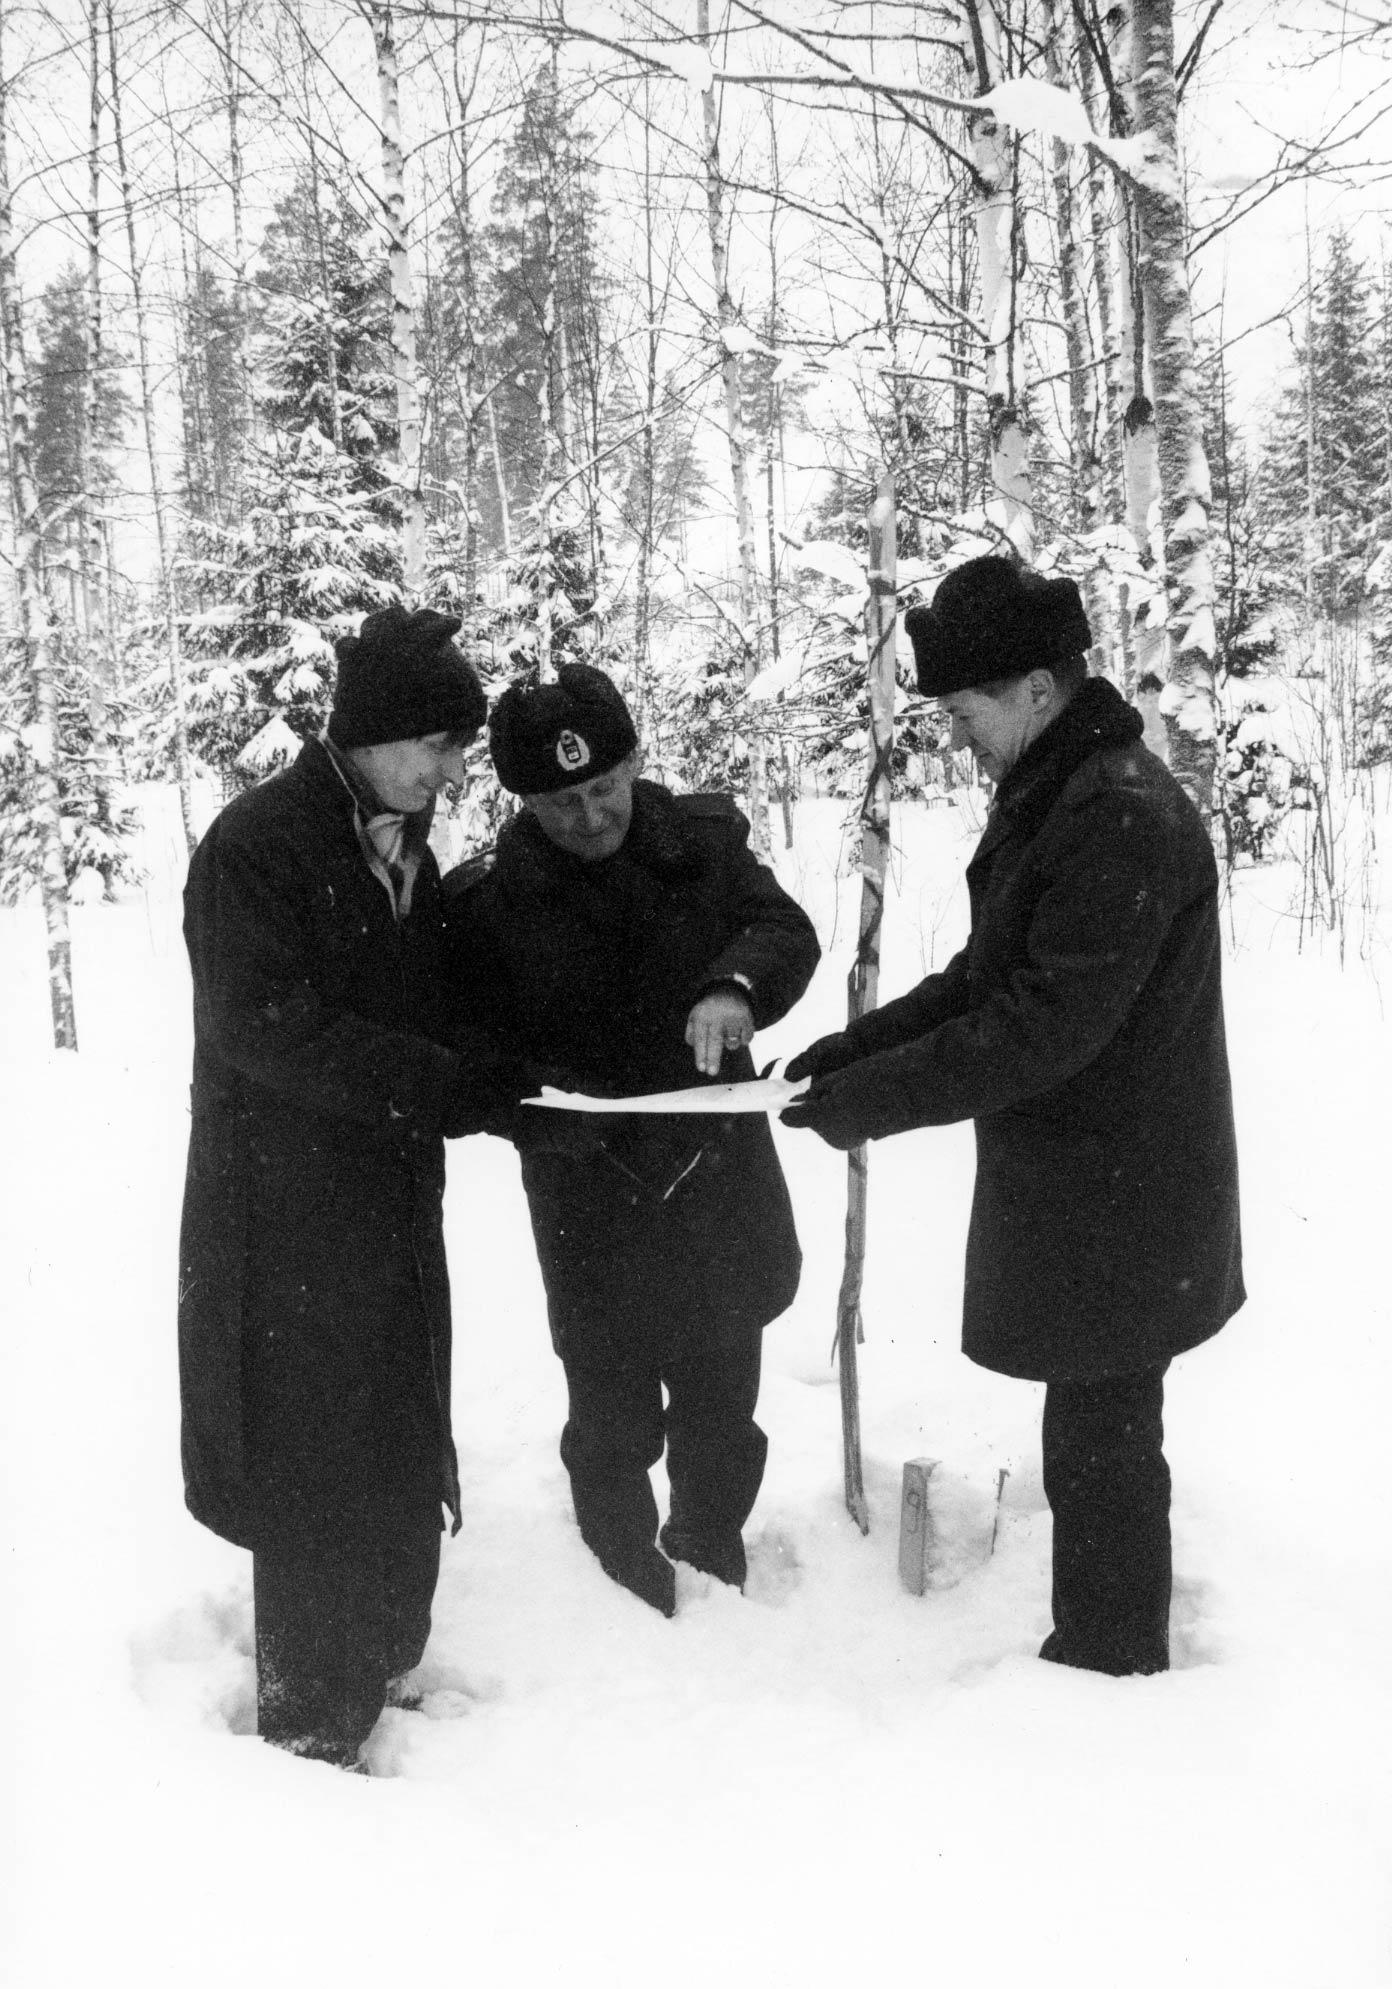 Palomieskoulutus siirtyi Kuopioon 1990. Koulutilat rakennettiin neitseelliseen maastoon. Petosen kaupunginosaan nousivat koulurakennukset. Kartalta paikkaa näyttää talvella 1987 Kuopion palopäällikkö Erkki Karvinen.